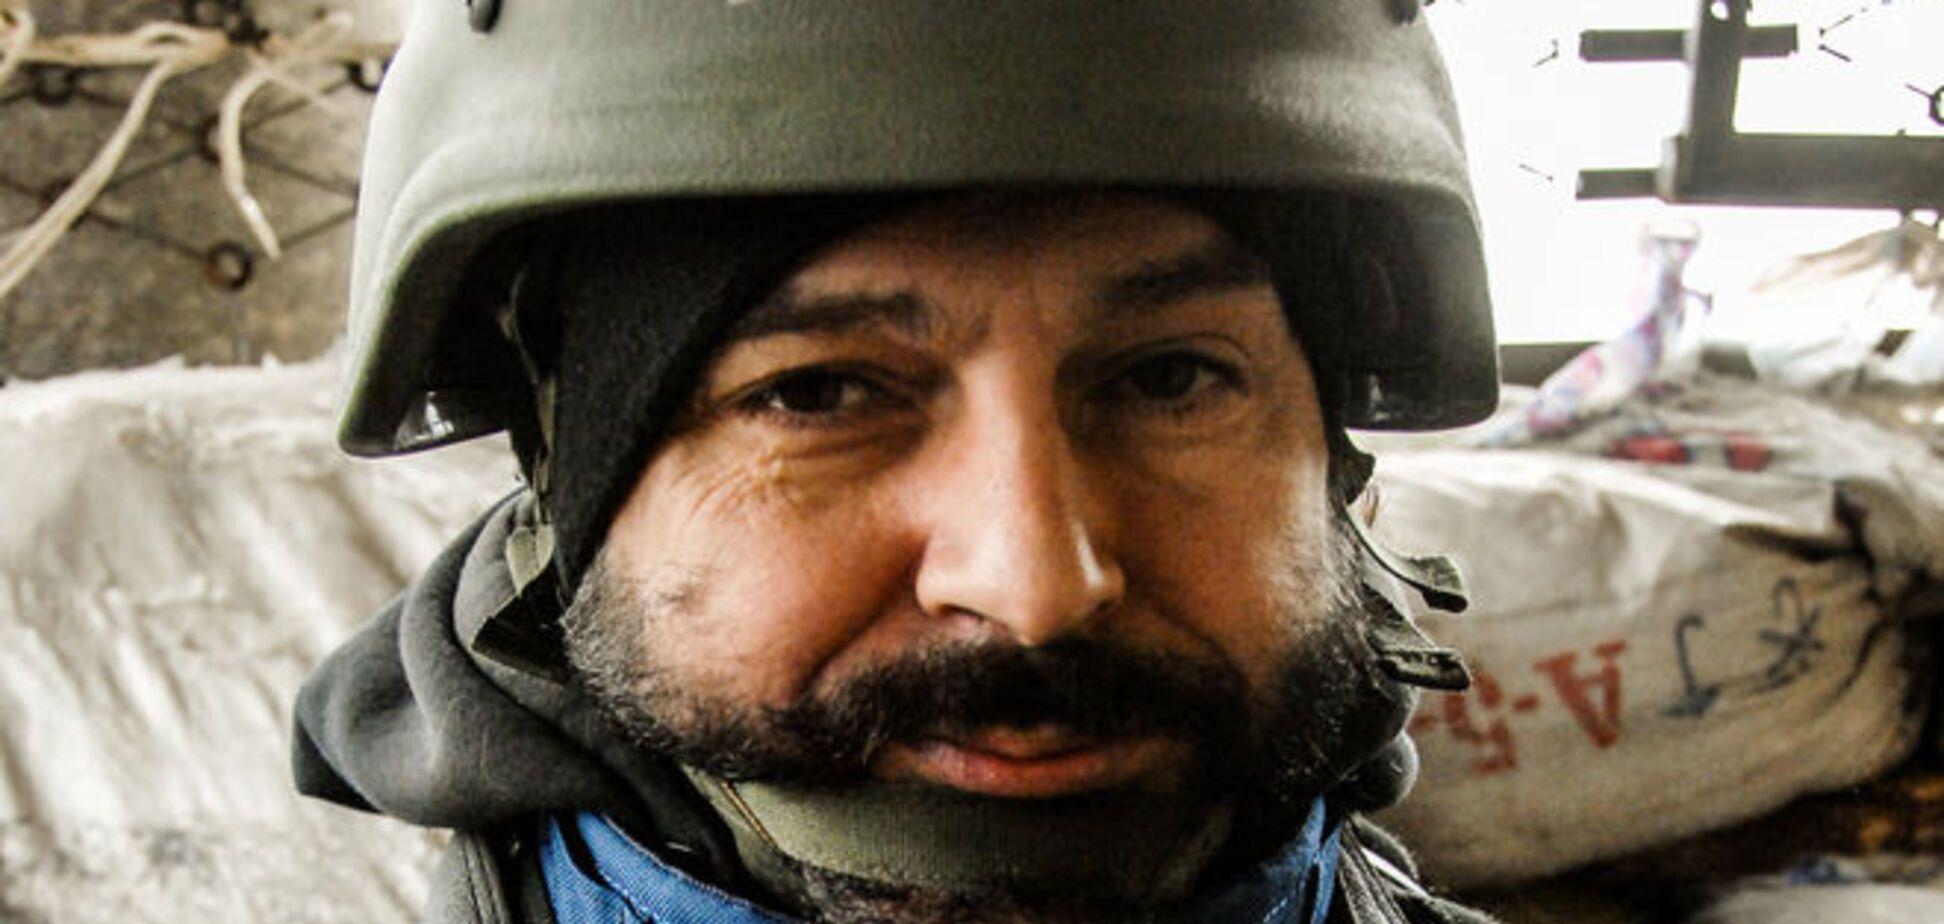 Как погибли фотокорреспондент Сергей Николаев и друг 'Танк'